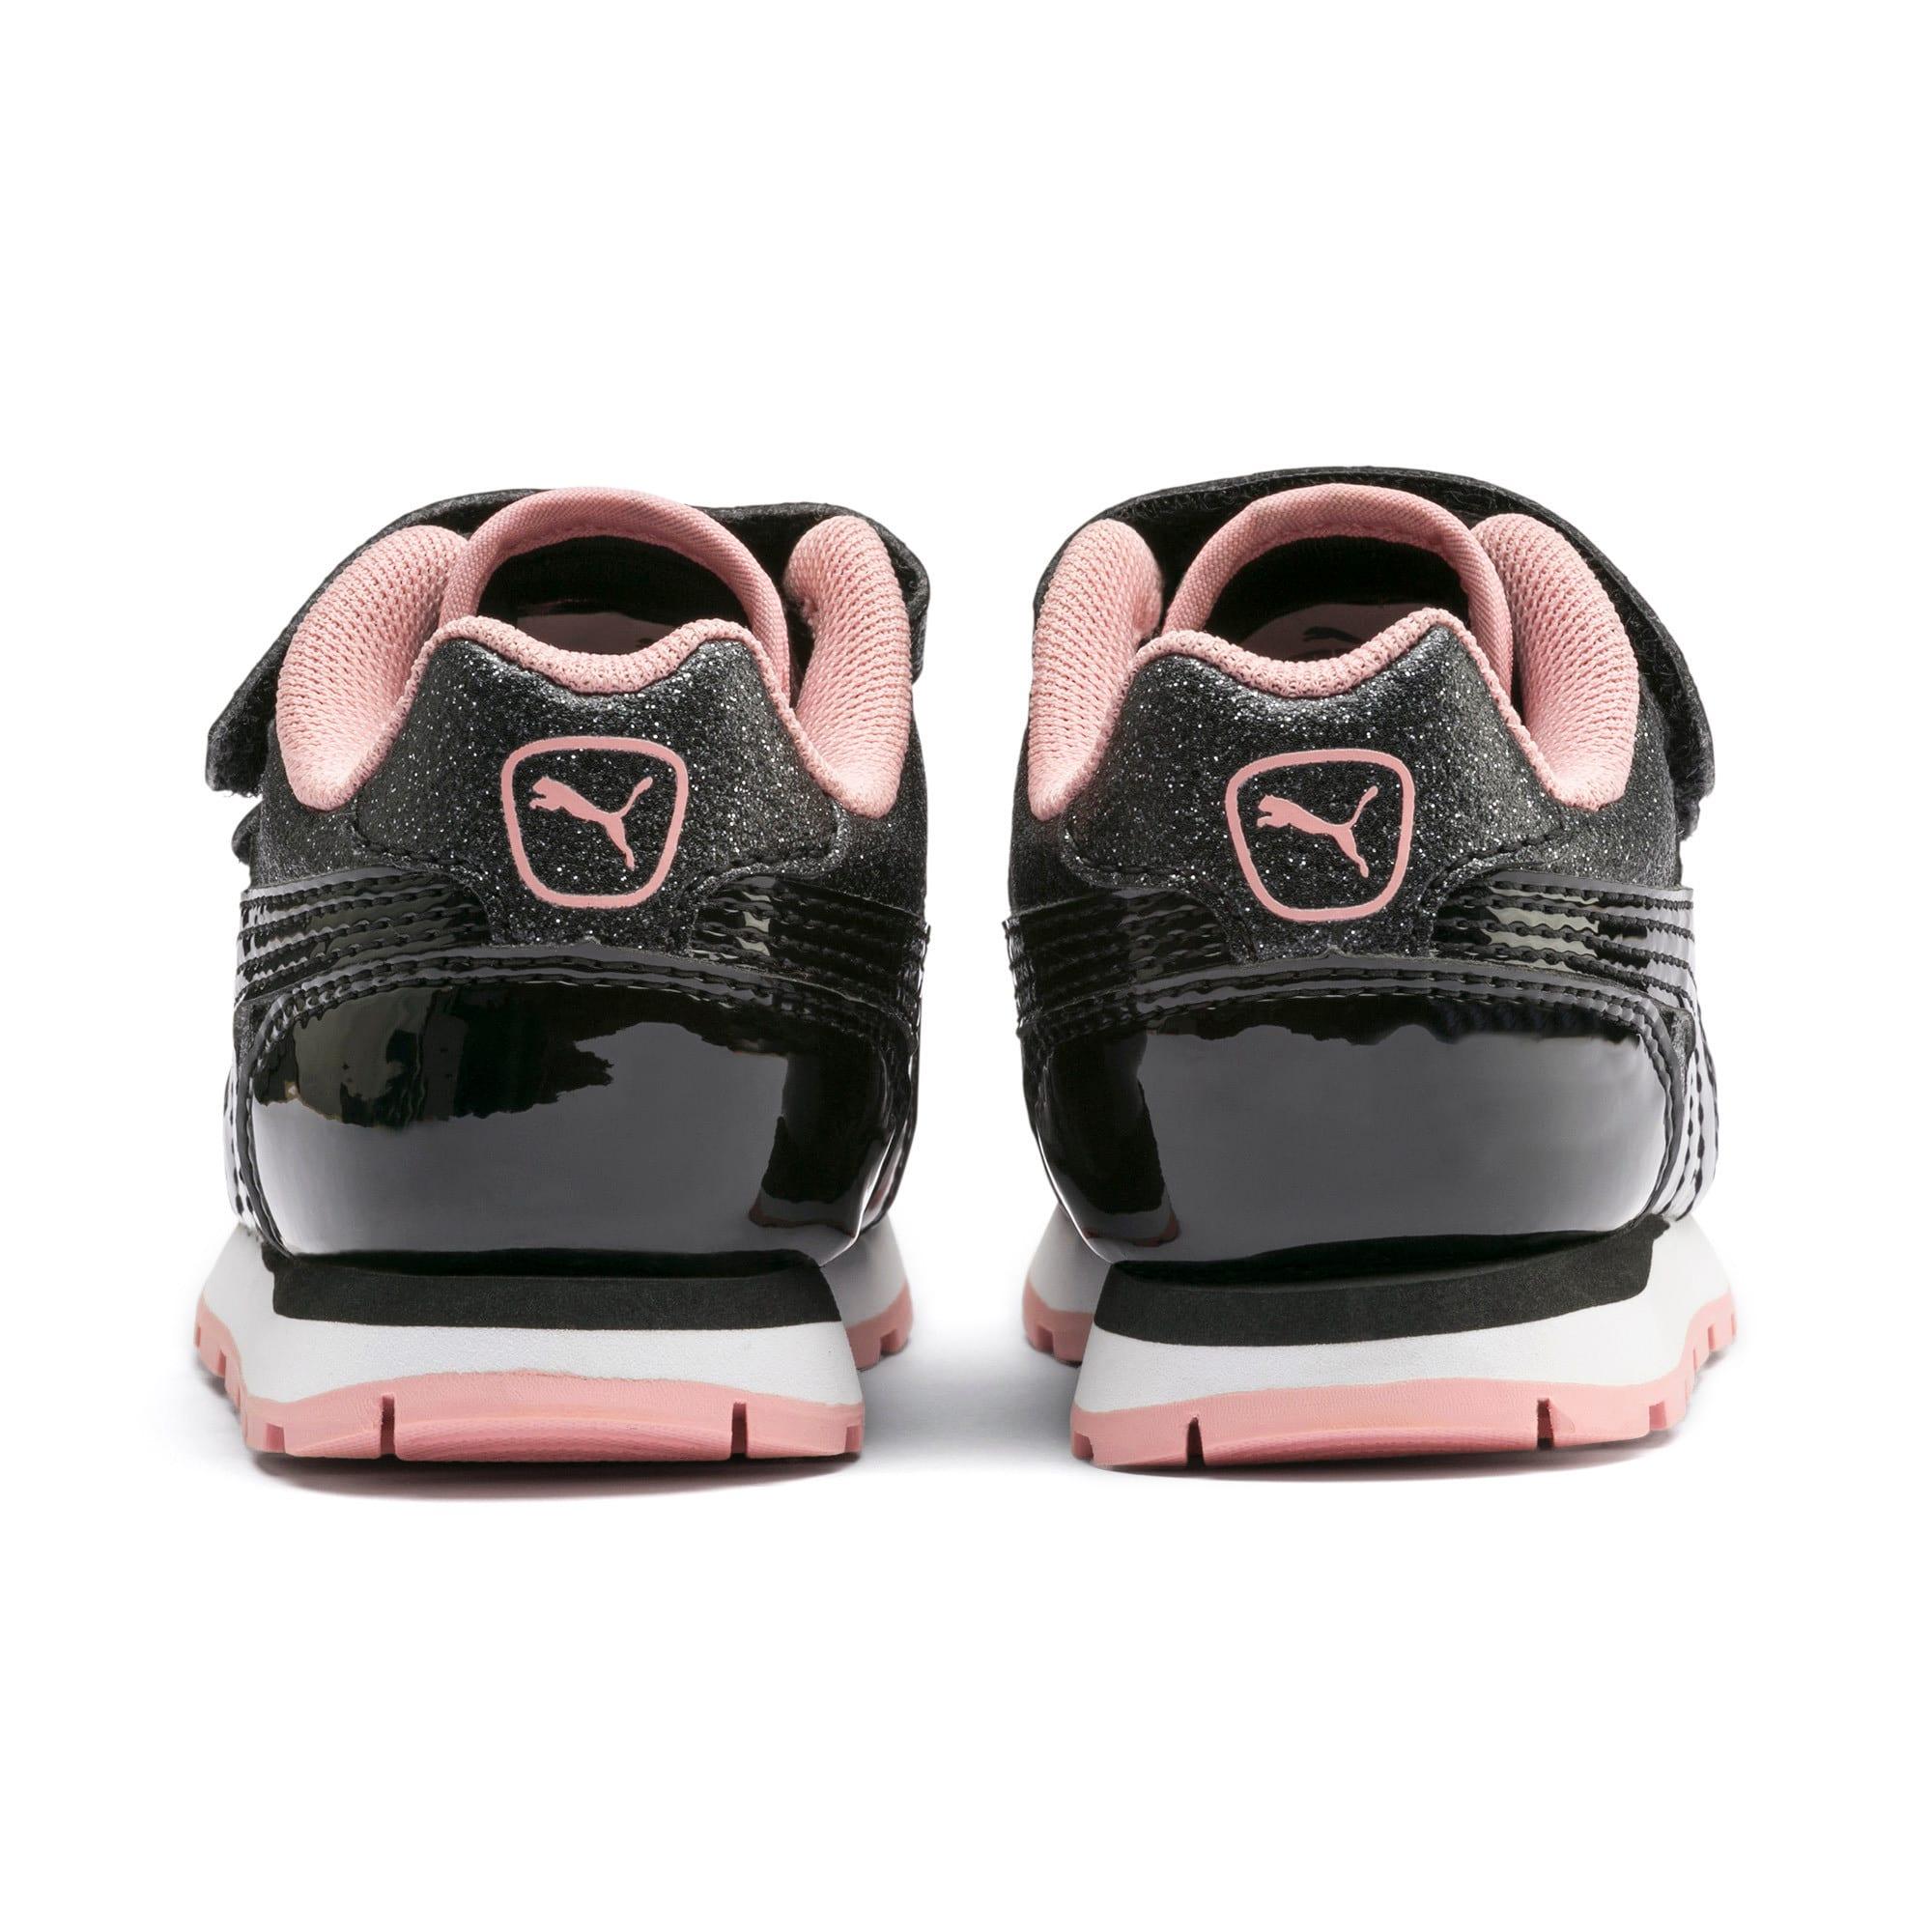 Miniatura 3 de Zapatos Vista Glitz para bebés, Puma Black-Bridal Rose, mediano